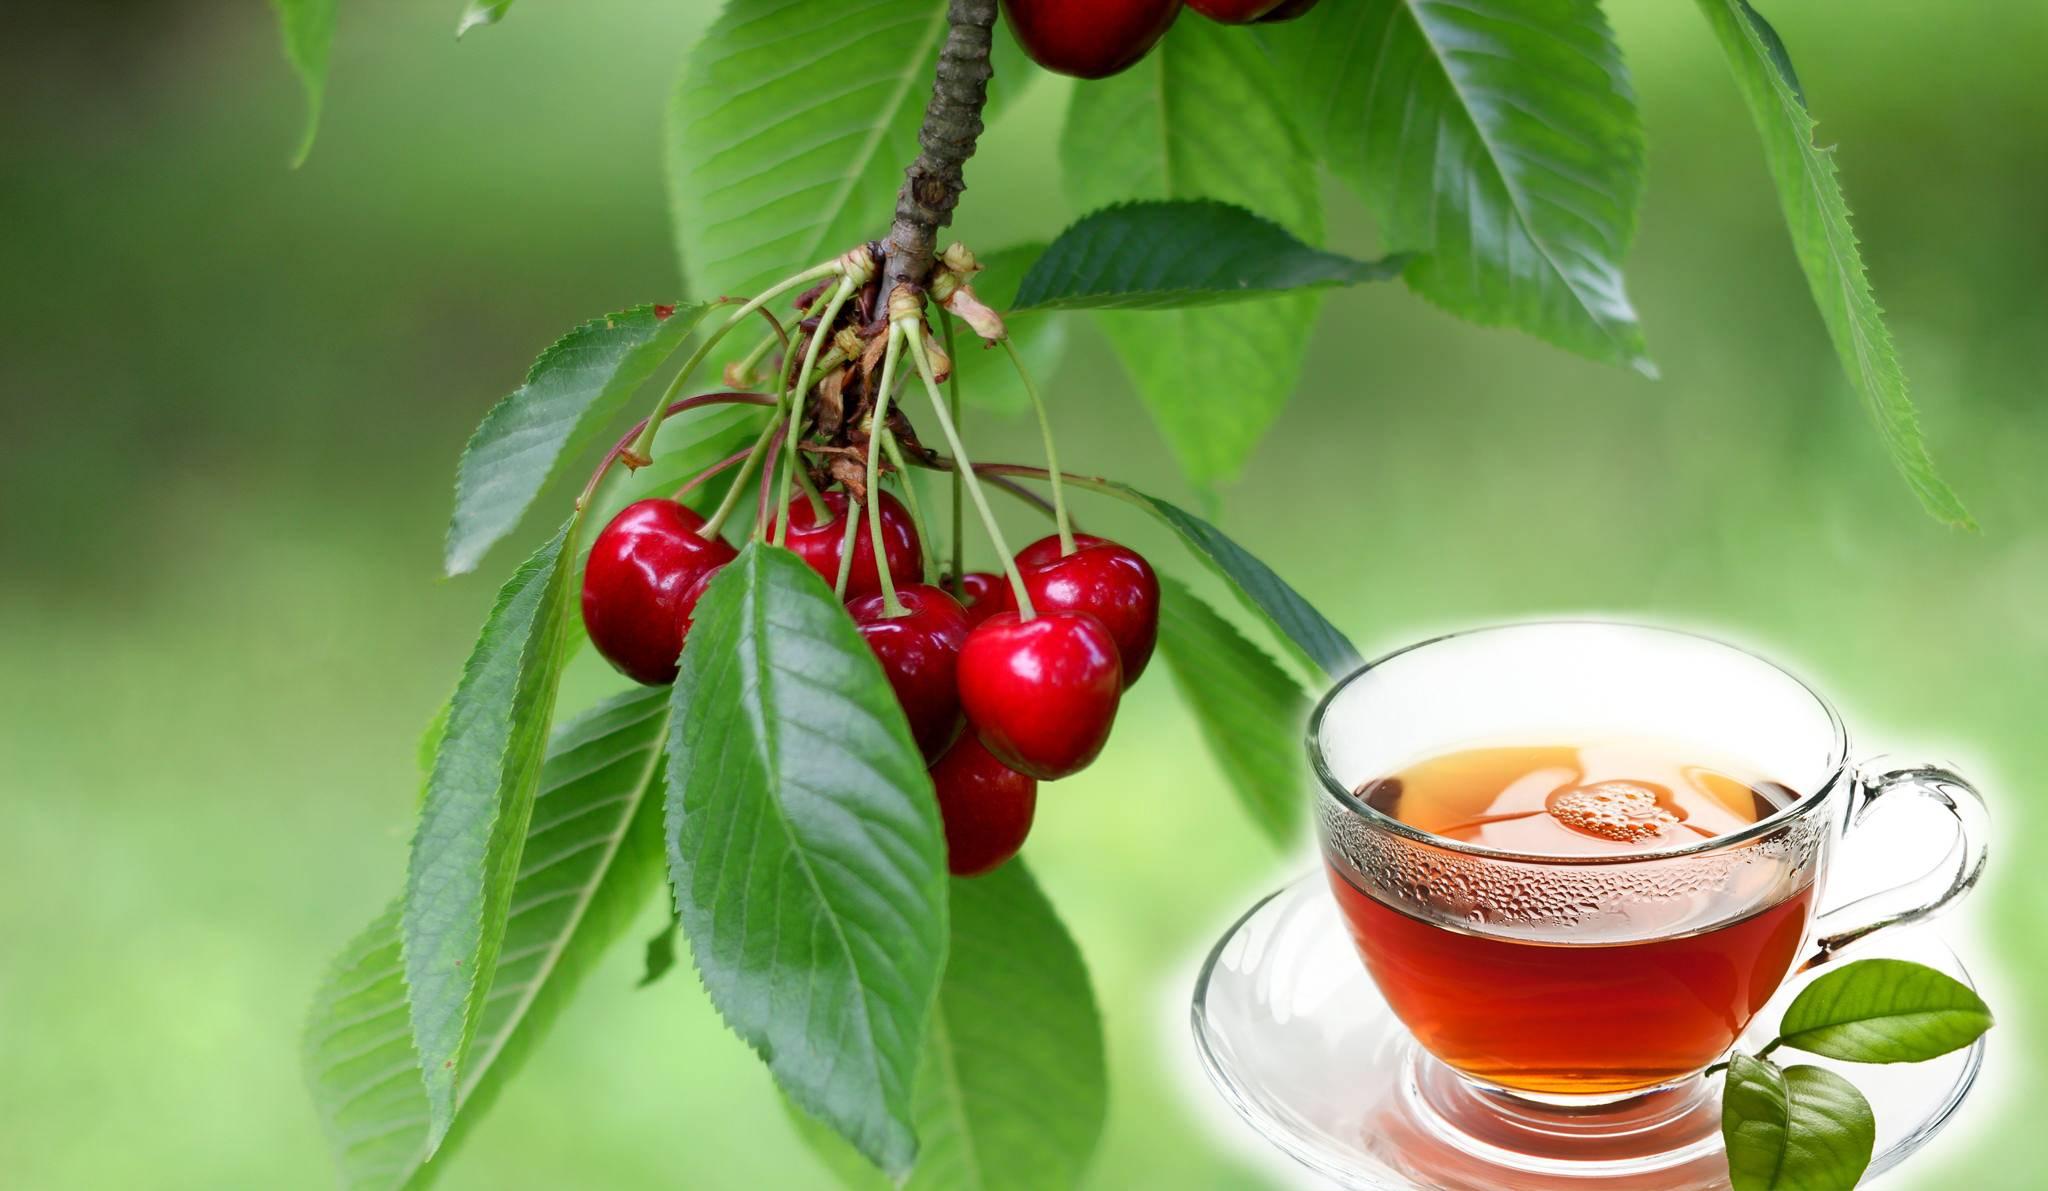 Листья земляники лесной – лечебные свойства и противопоказания, чай из листьев земляники